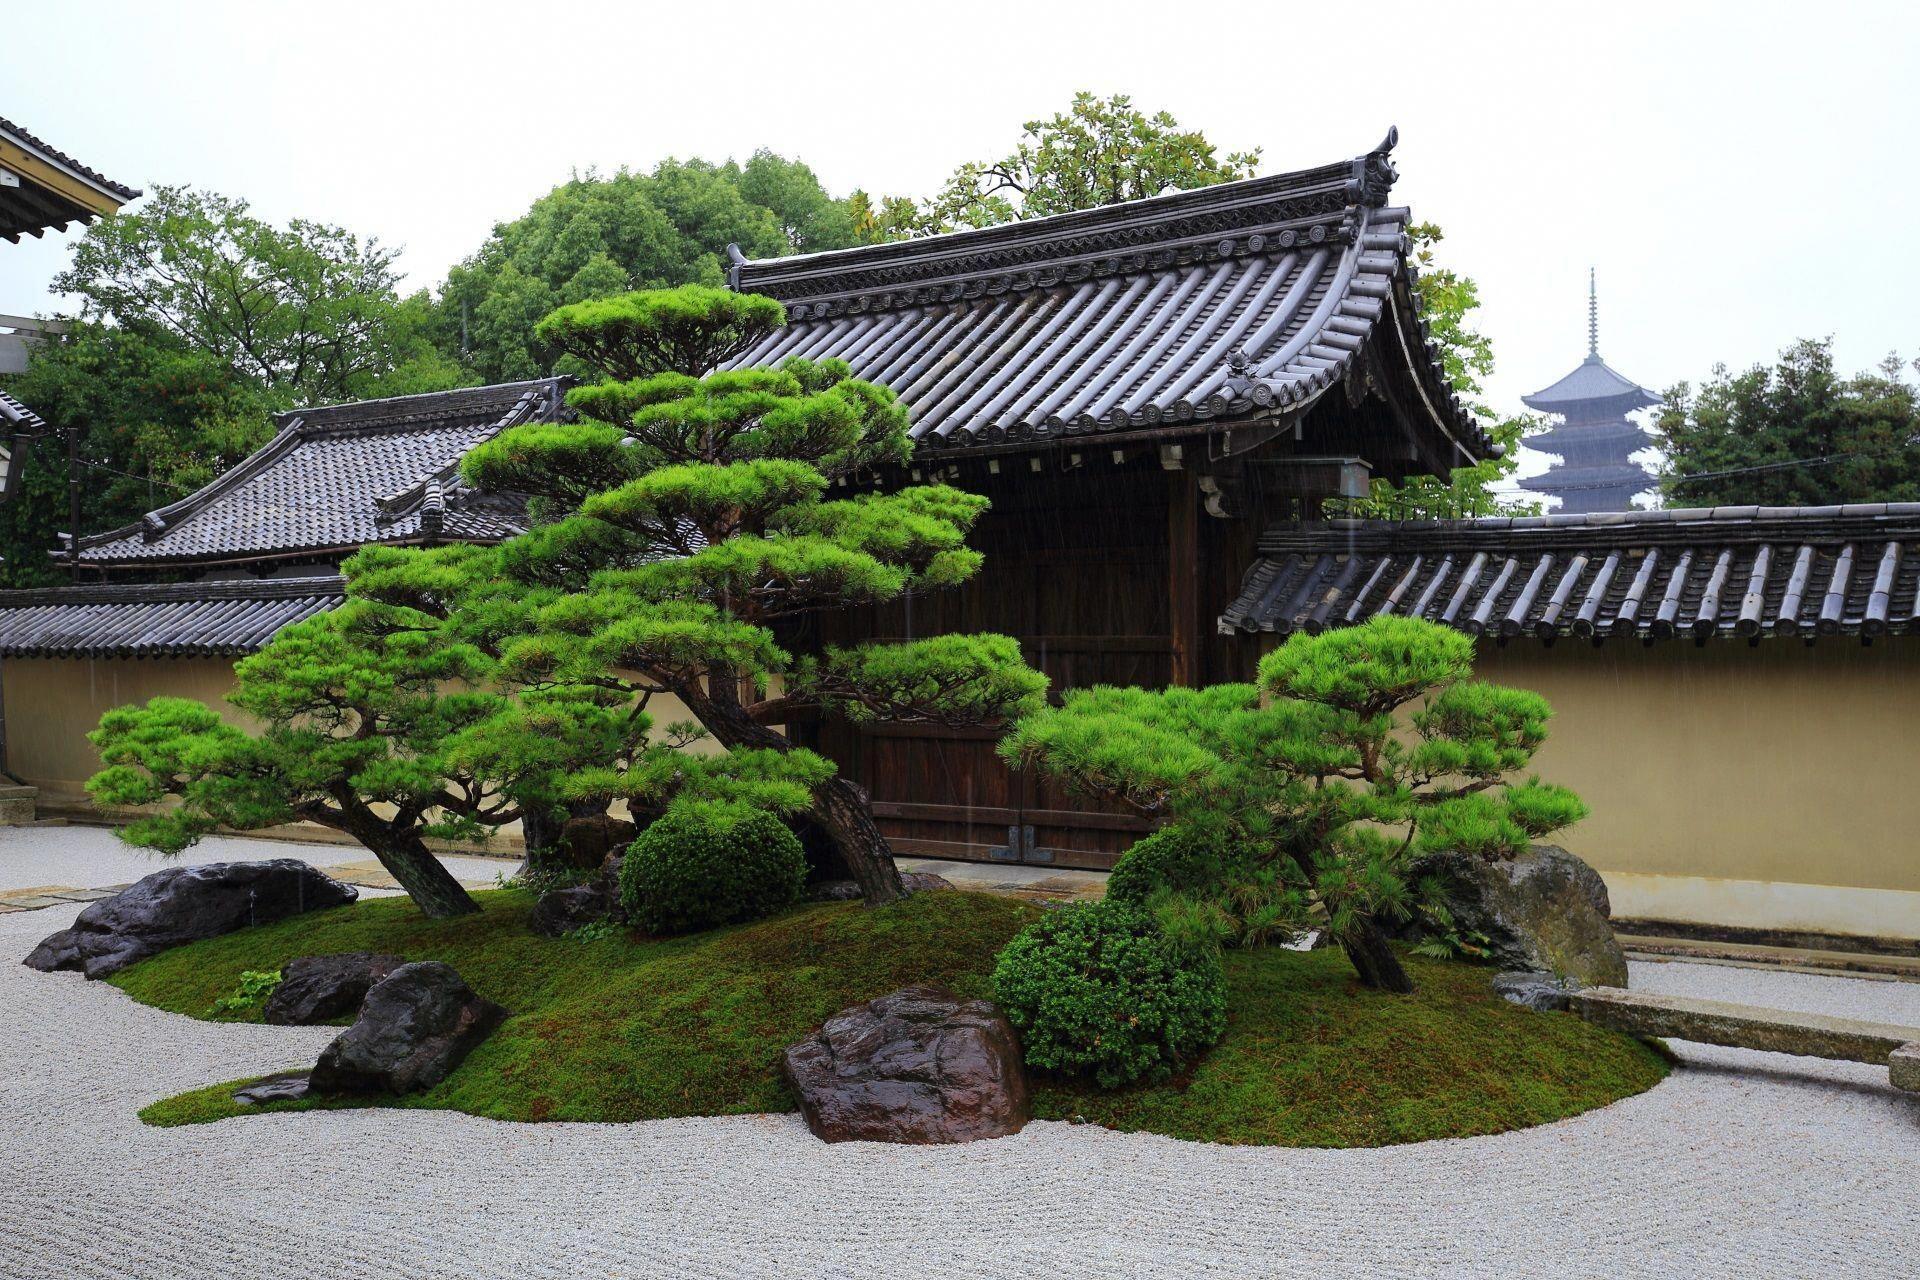 Asiatischer Garten Best Of Zahrada Boha StarÅ¡ch A Pětpodlažn Pagoda